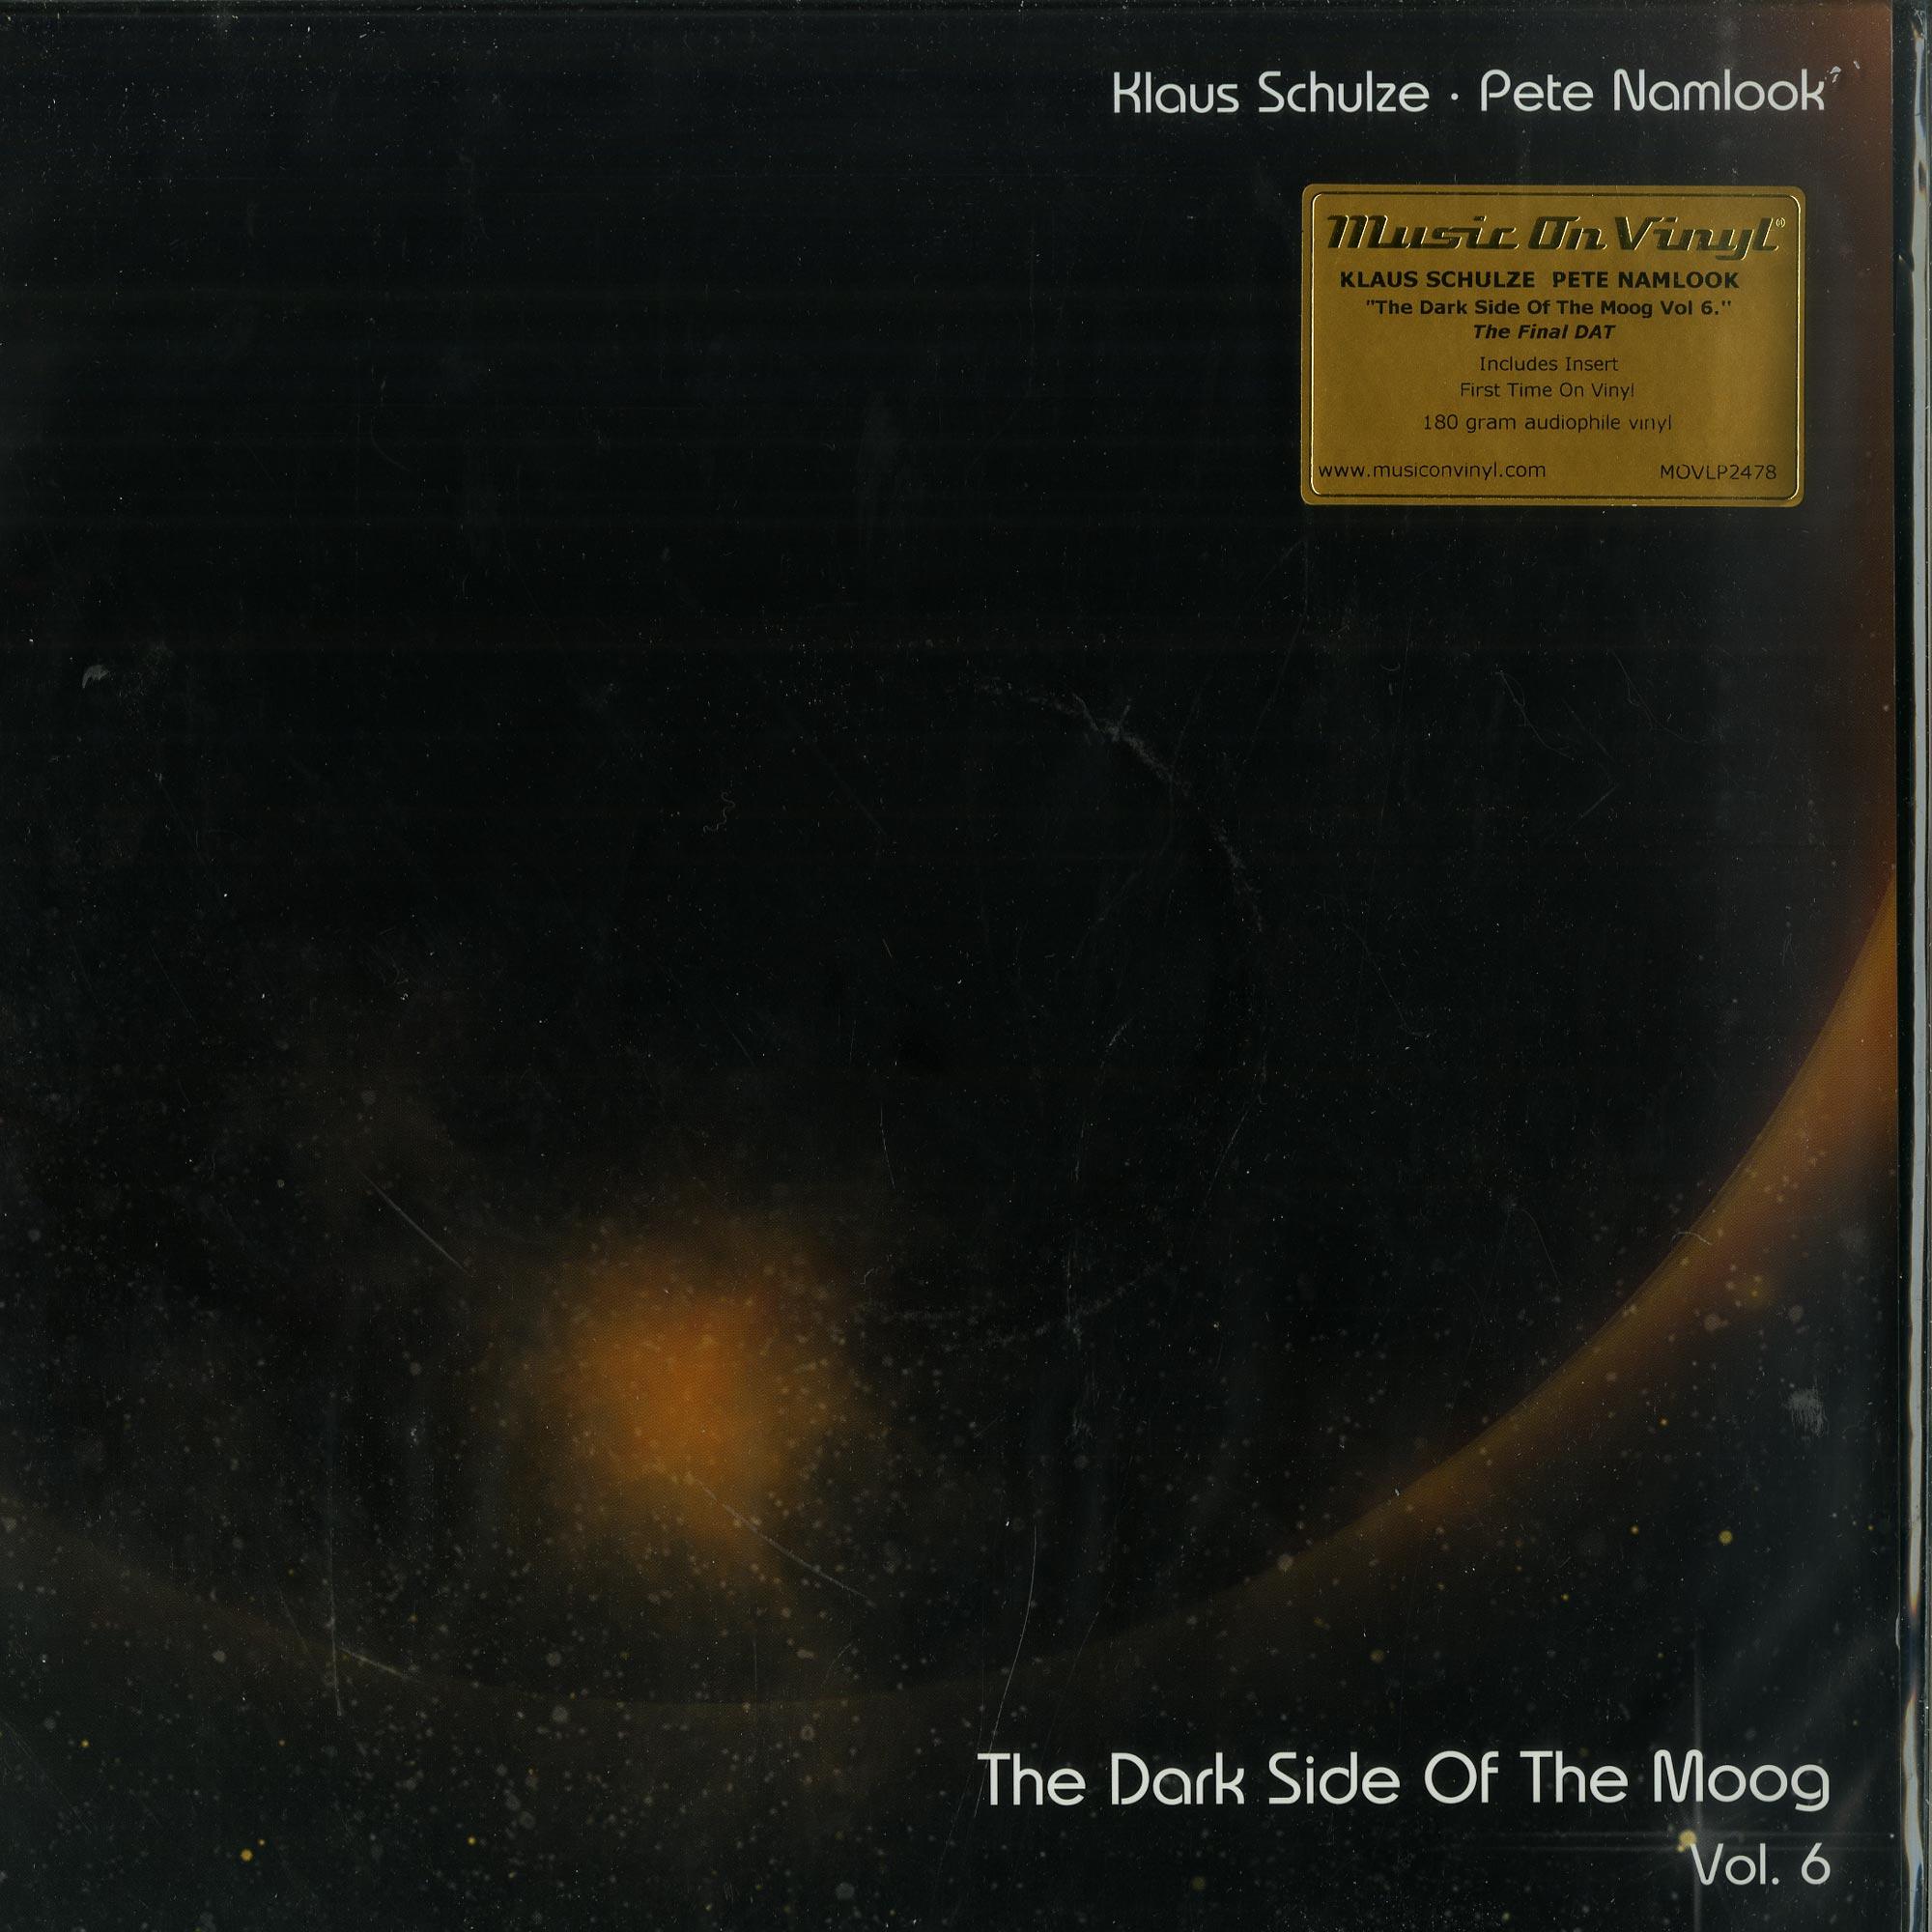 Klaus Schulze & Pete Namlook - DARK SIDE OF THE MOOG VOL. 6 - THE FINAL DAT